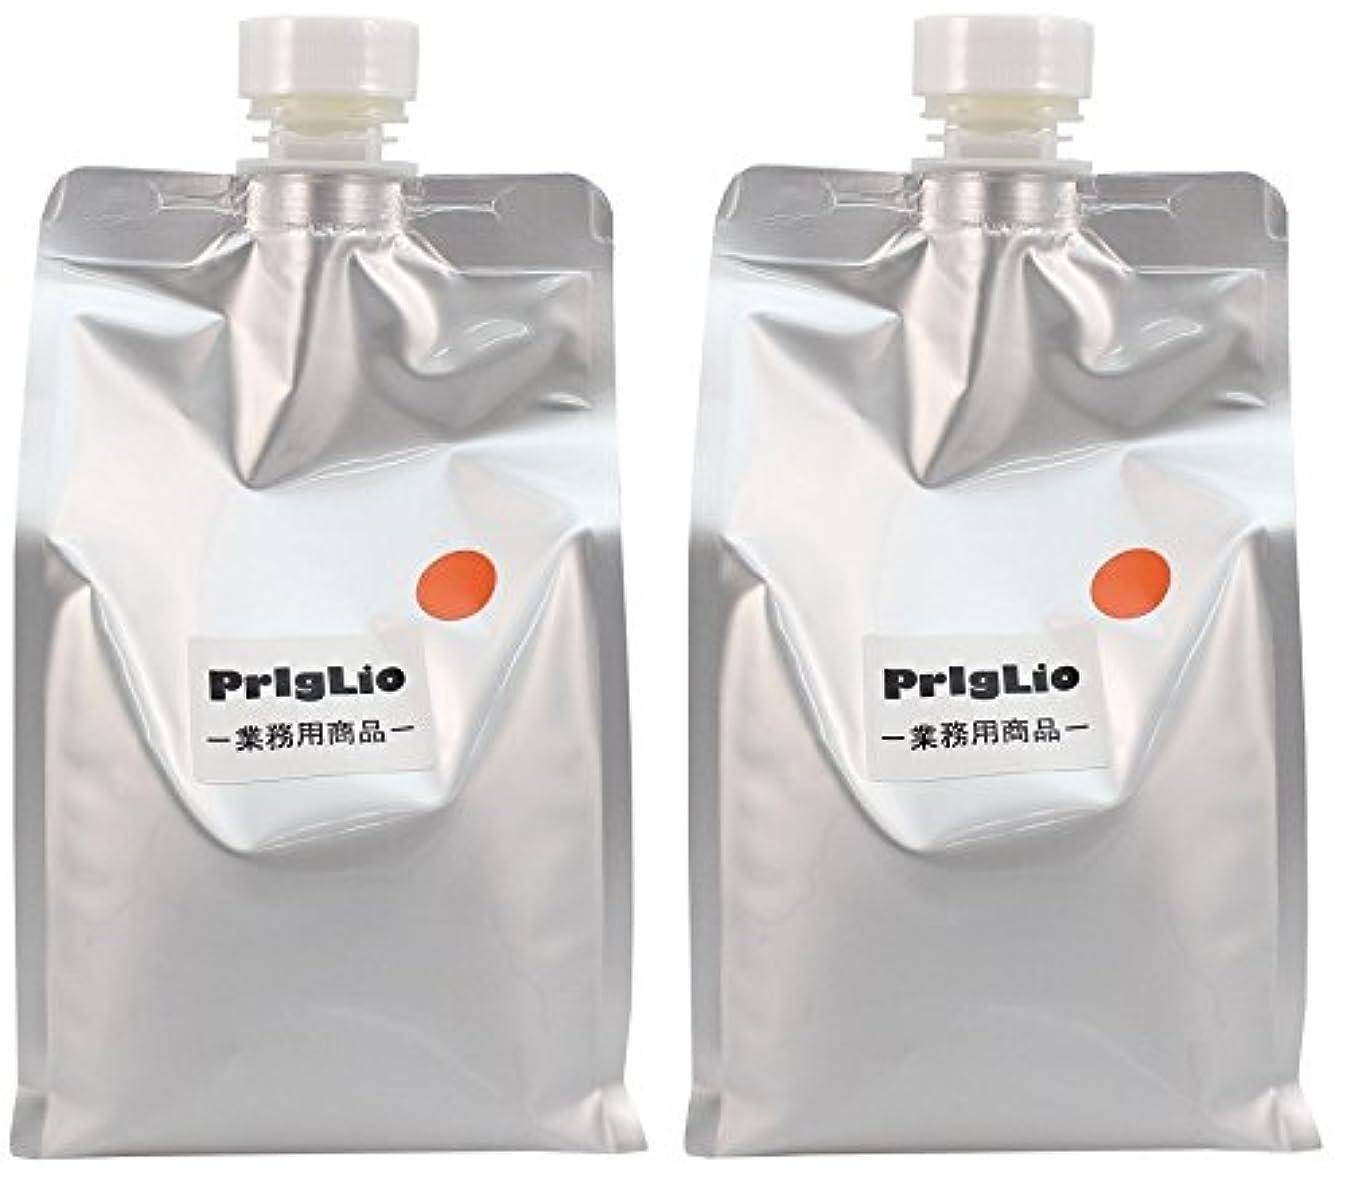 トラフマーク誠実【2個セット】プリグリオ D オレンジシャンプー 900ml